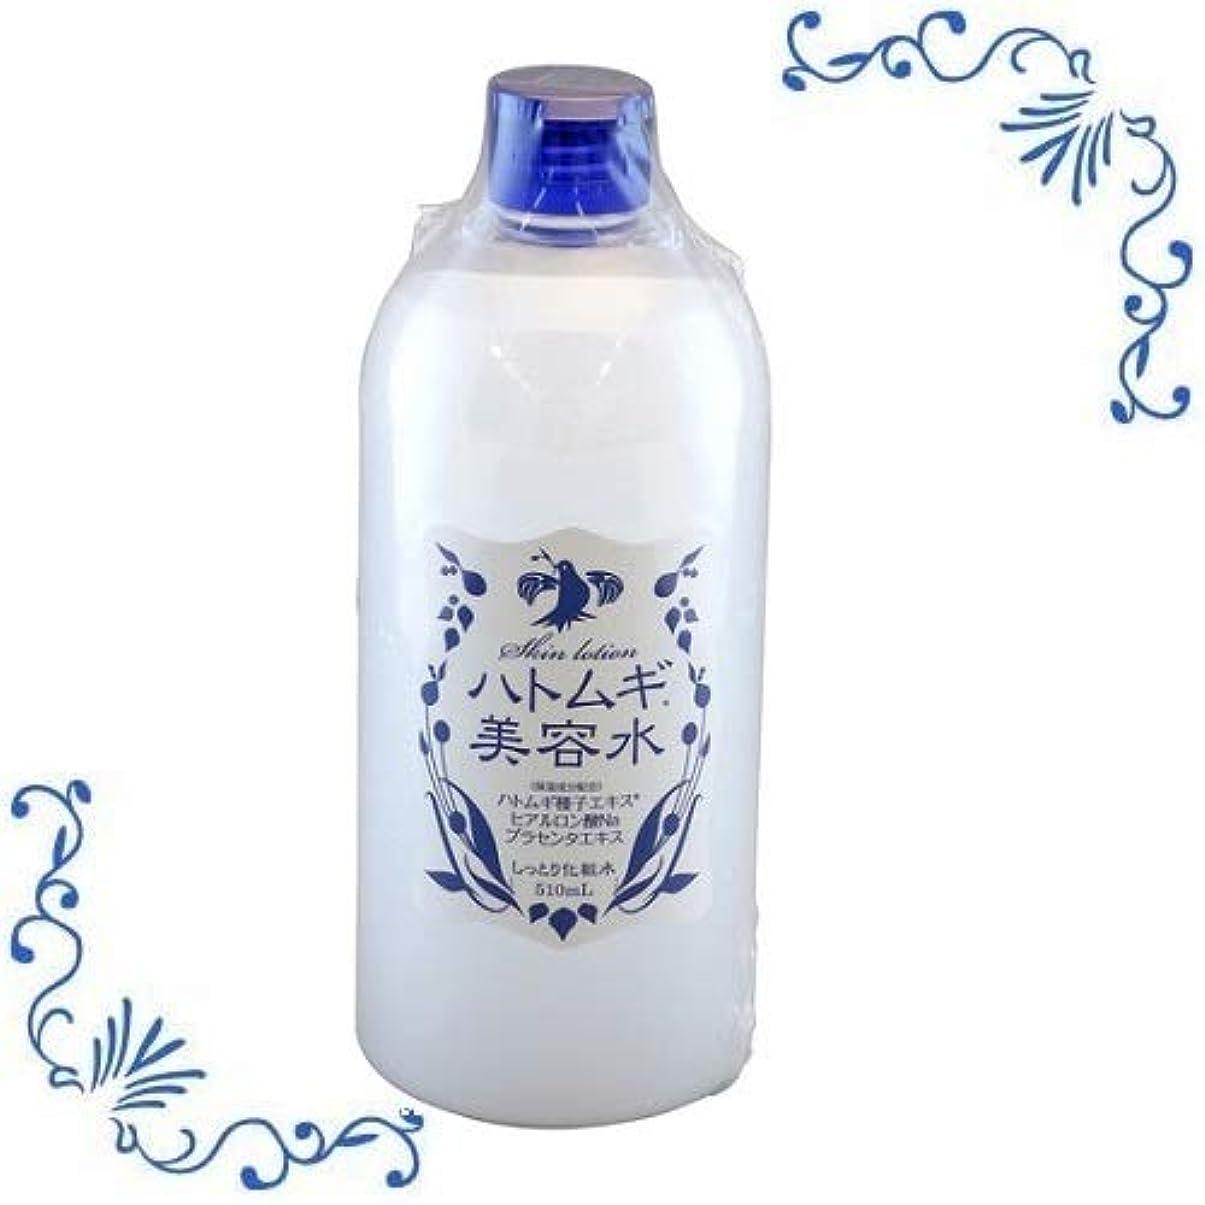 ハトムギ美容水 510ml